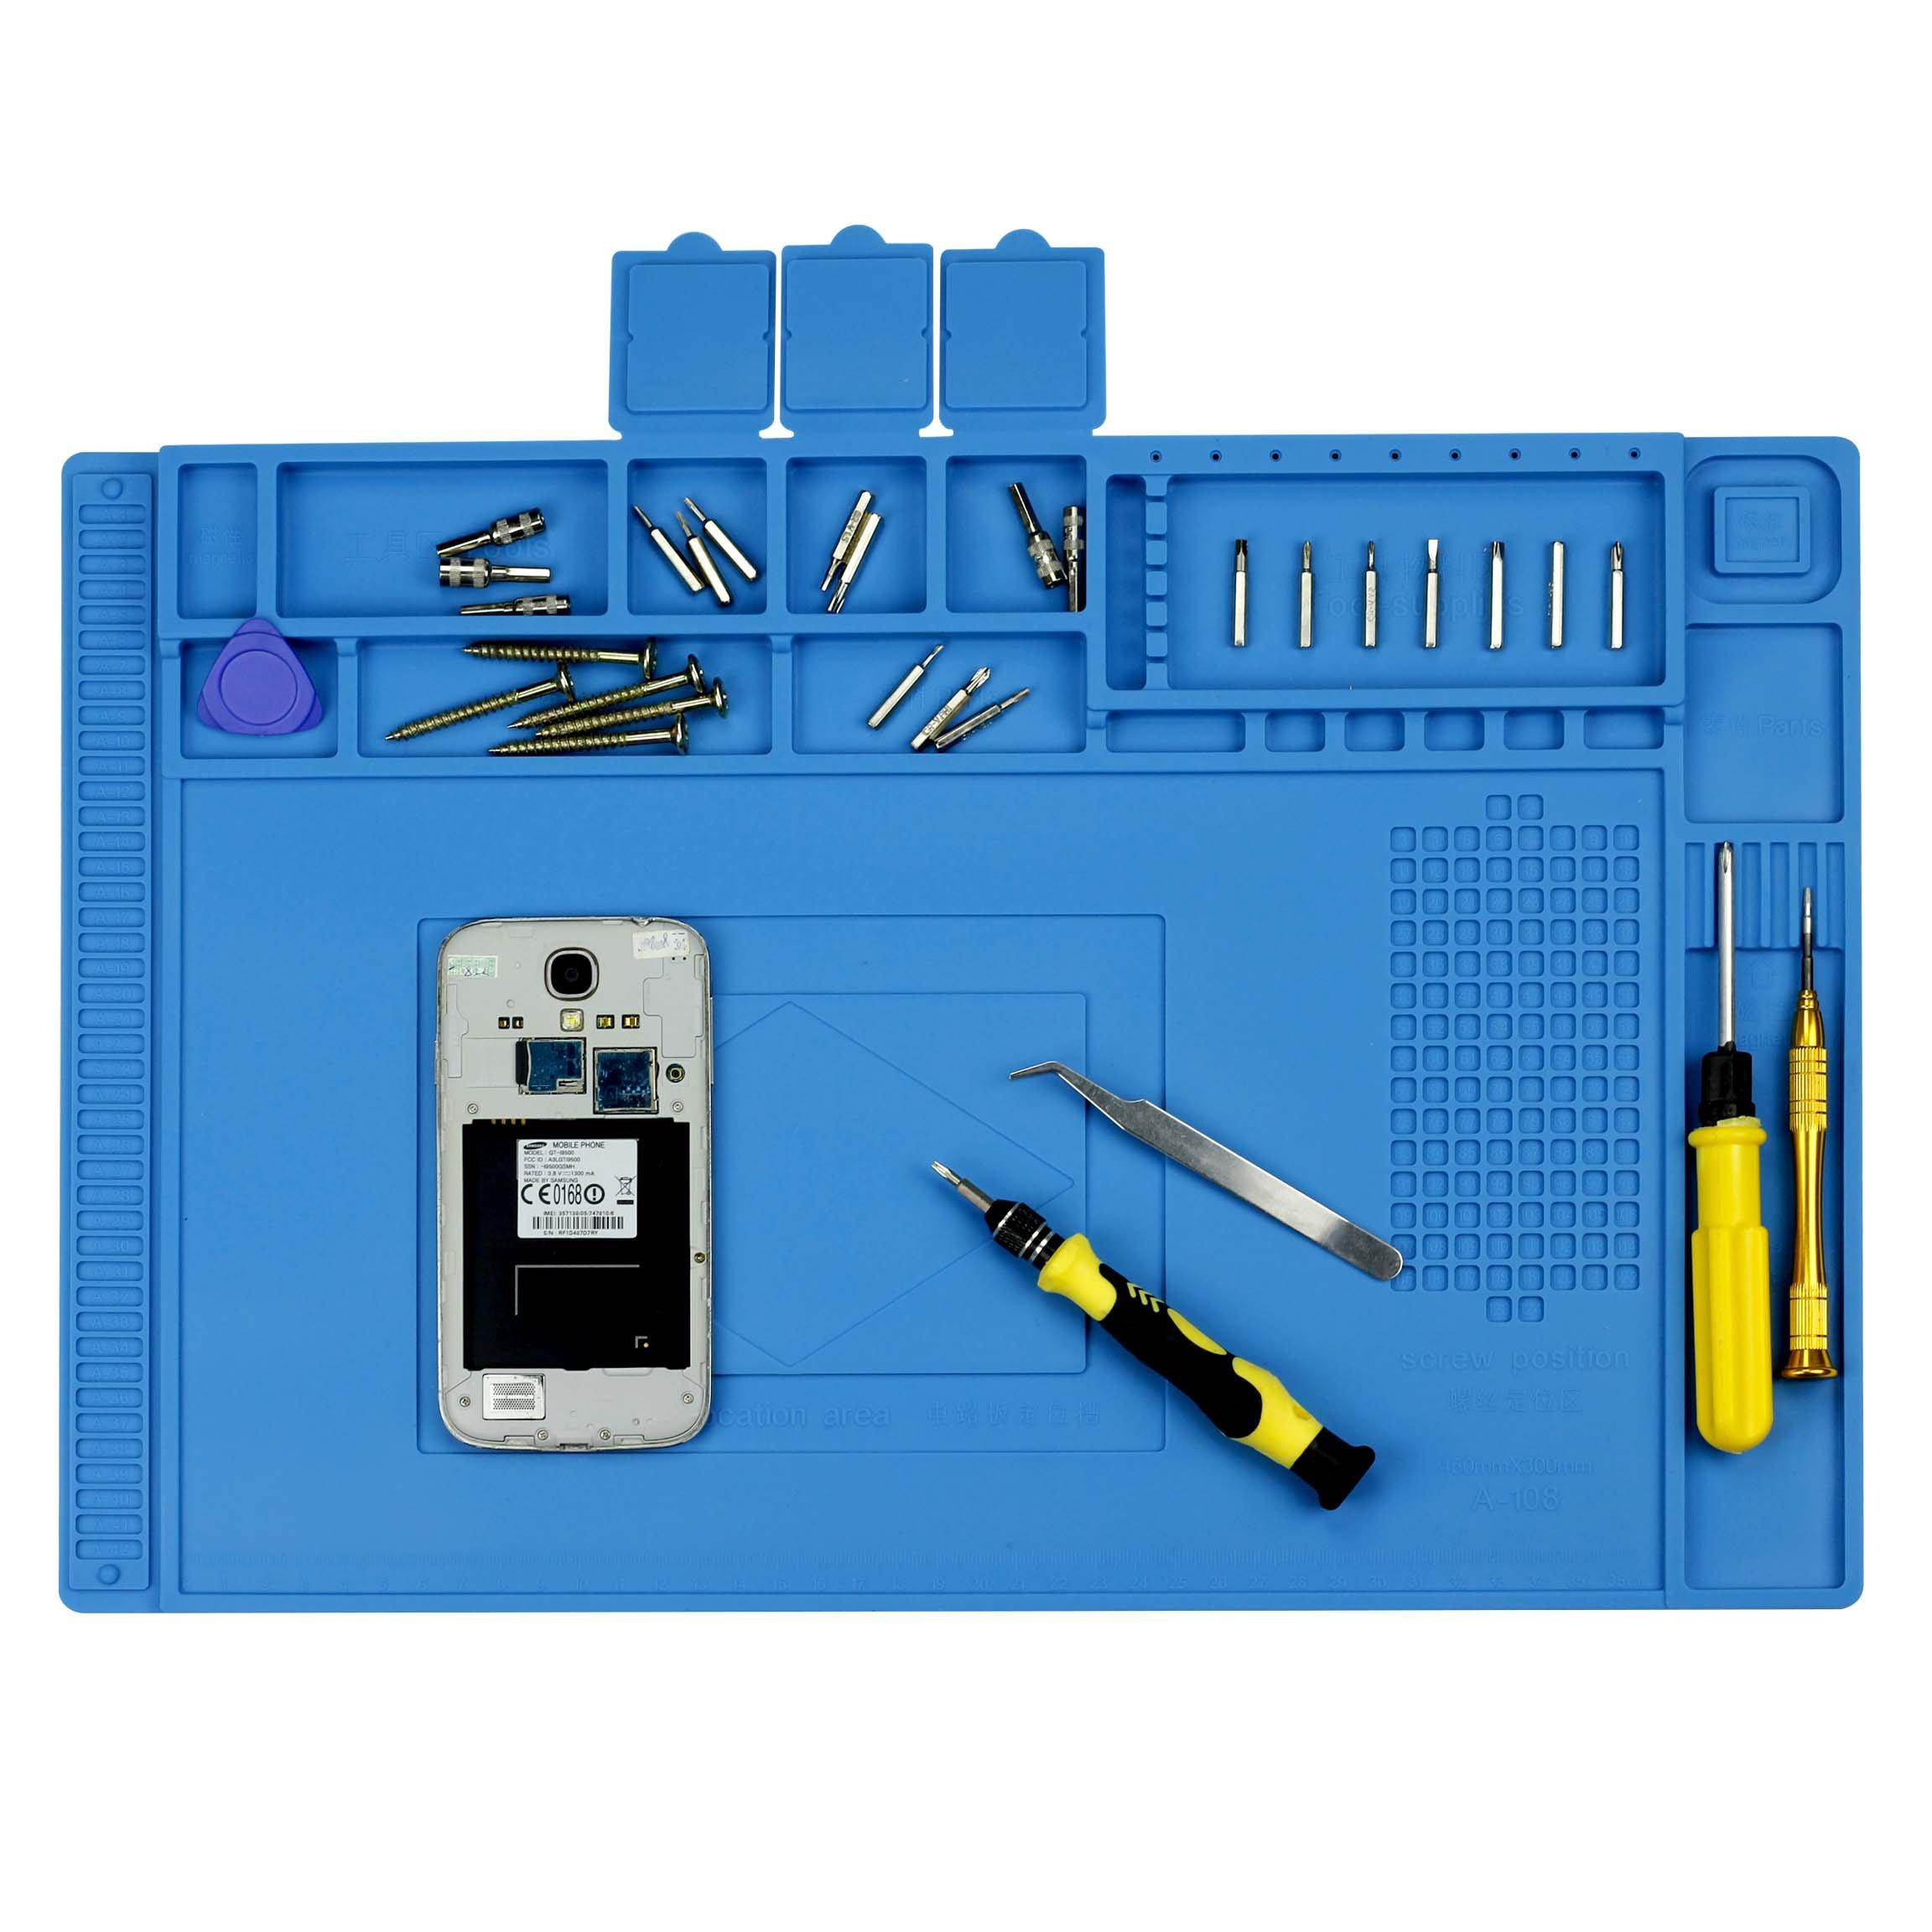 Arrontop Cellphone Repair Mat, Anti-Static Soldering Mat, Heat-resistant Repair Pad with magnetic, Heat Insulation Silicone Mat, 17.7 X 11.8 Inch Repair Tools Desk Pad. Heat-resistant 500℃.